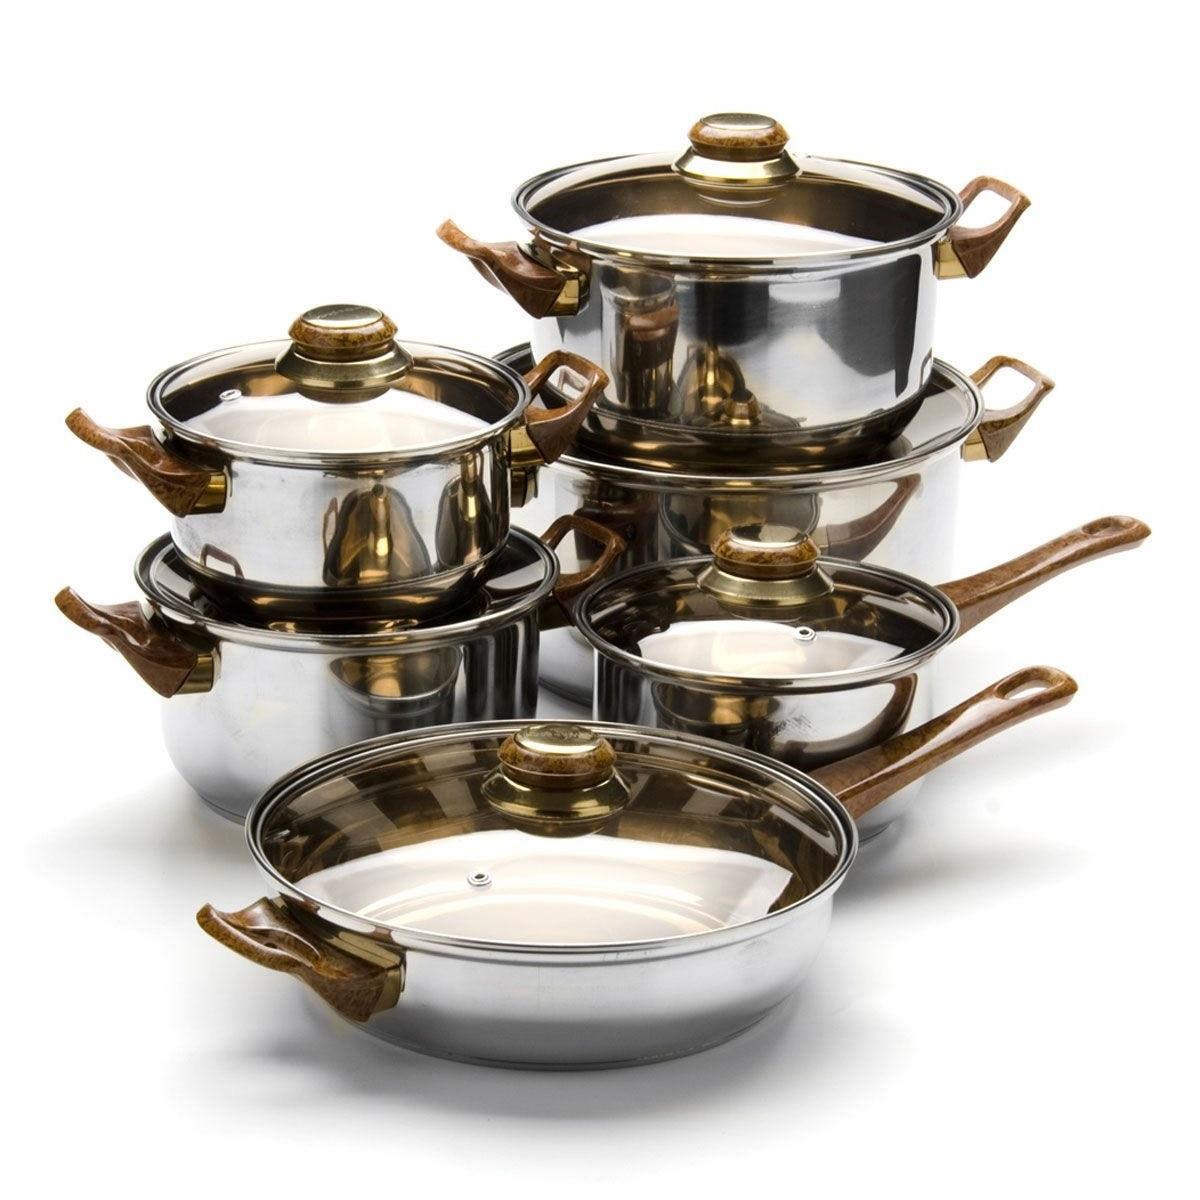 Набор на приготовления MAYER & BOCH, 12 предметов, коричневые ручки